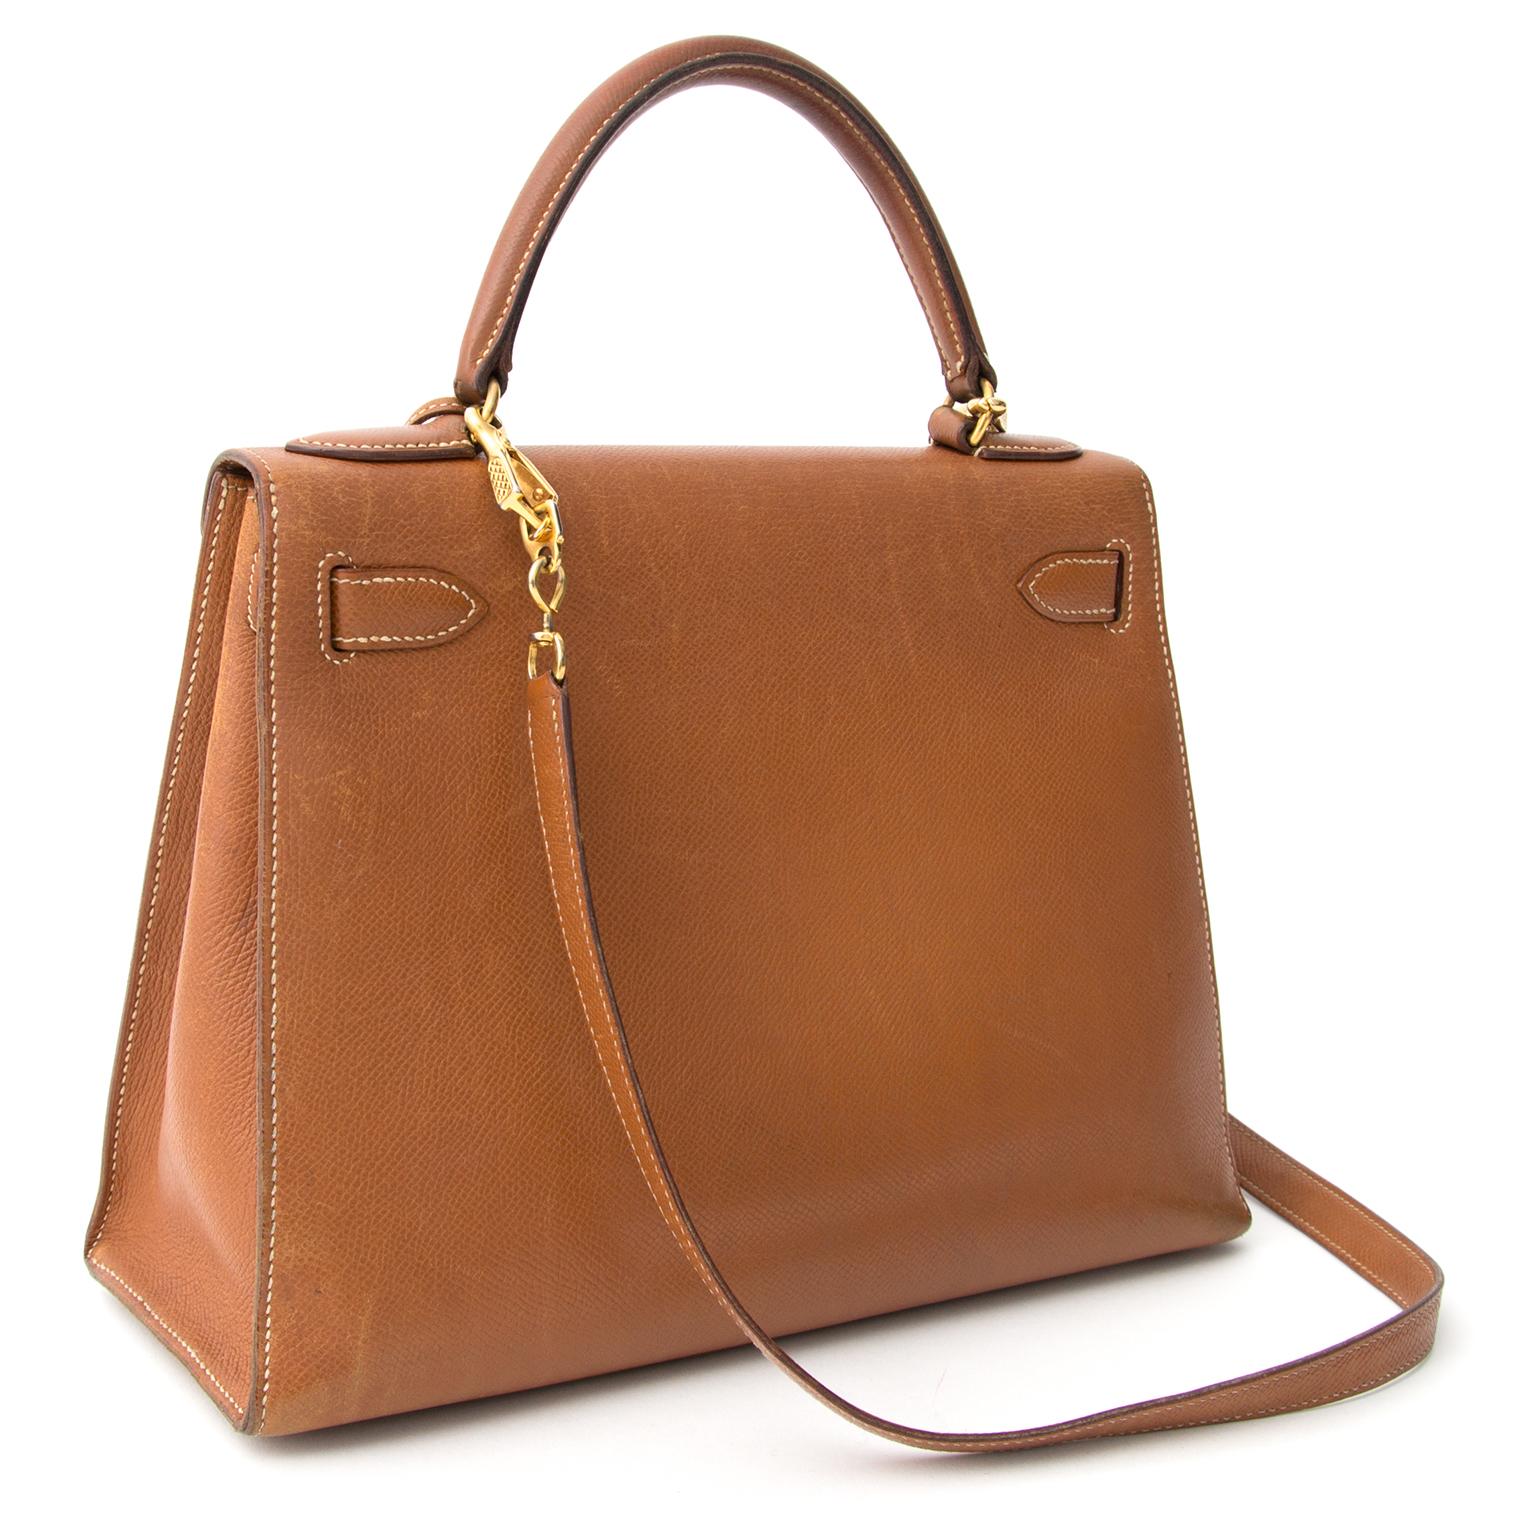 acheter Vintage Hermes Kelly Gold Courchevelle 28 GHW + STRAP  pour le meilleur prix sac a main Vintage Hermes Kelly Gold Courchevelle 28 GHW + STRAP